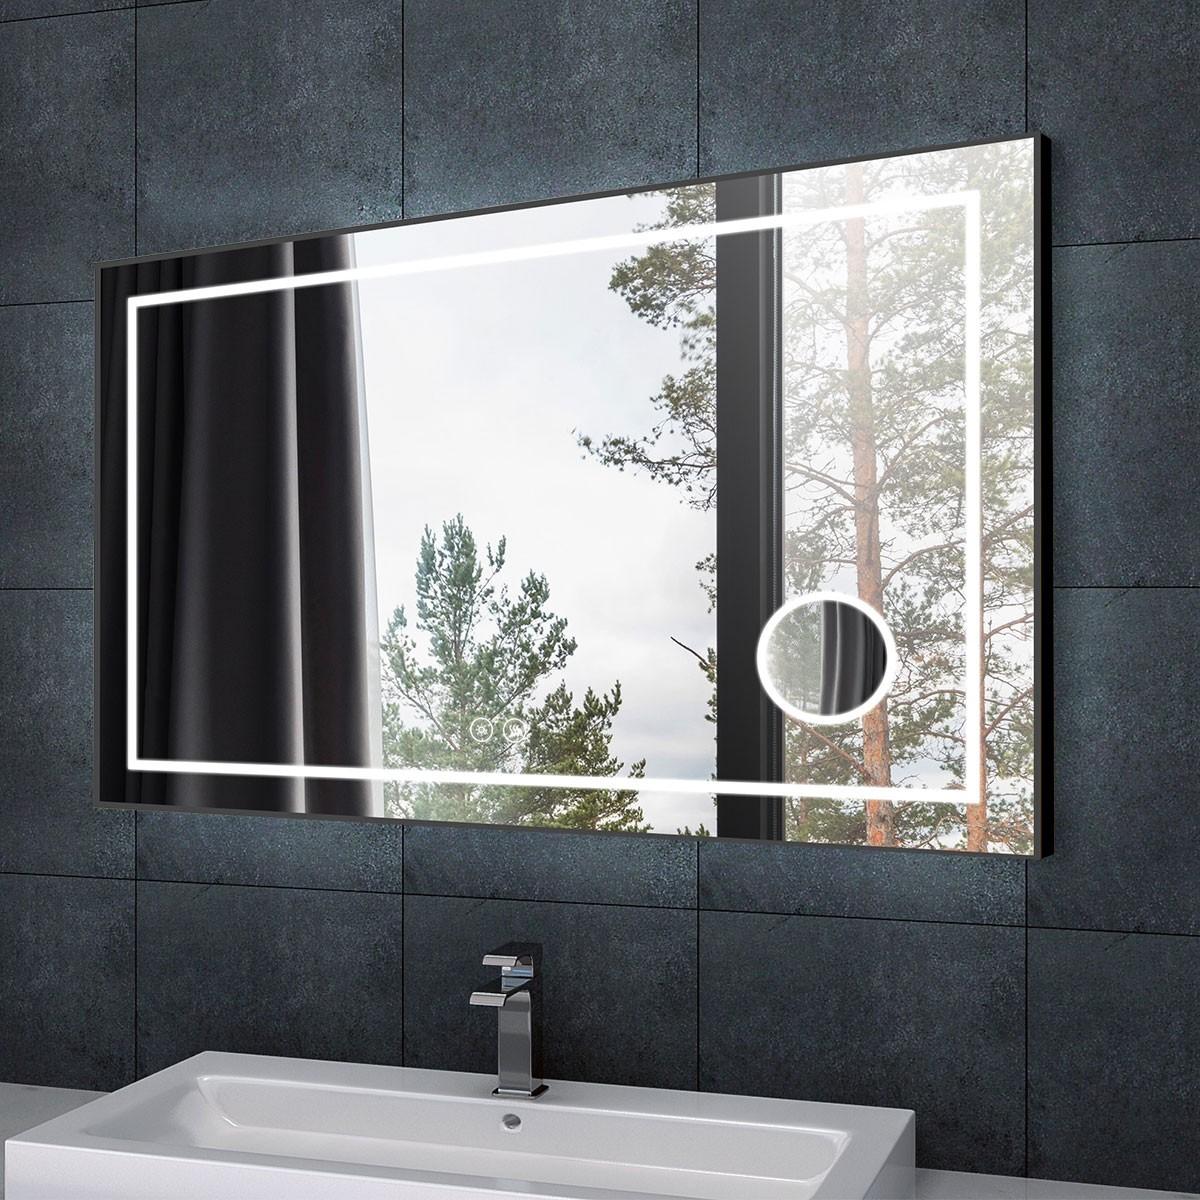 DECORAPORT 55 x 36 Po Miroir de Salle de Bain LED/Miroir Chambre avec Bouton Tactile, Loupe, Anti-Buée, Luminosité Réglable, Bluetooth, Montage Horizontal (D623-5536AC)